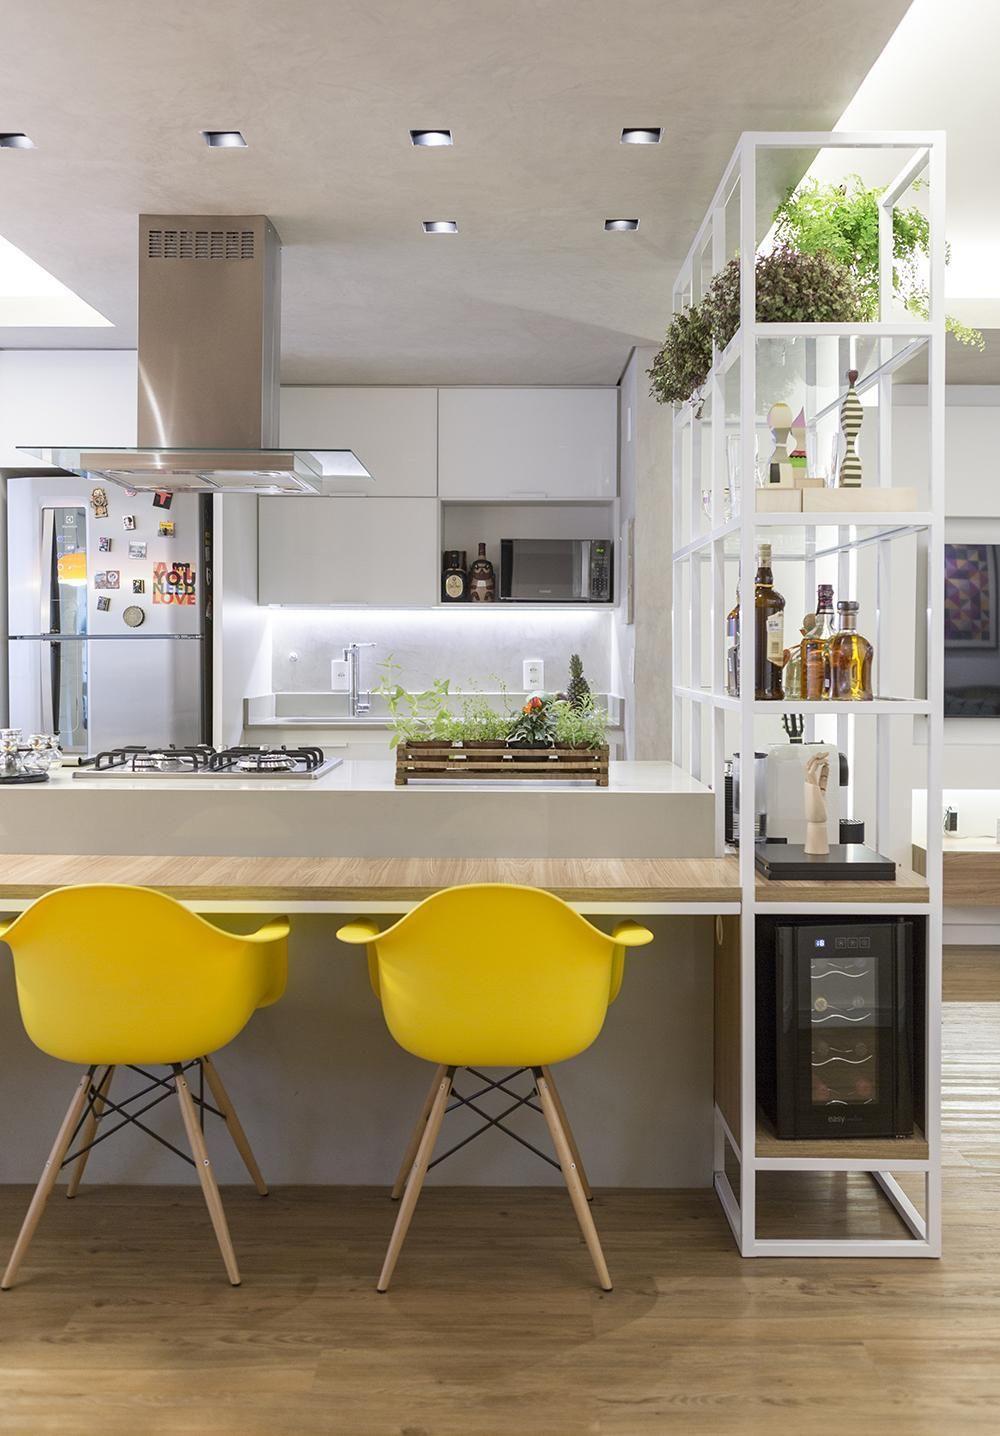 Para Bancada De Cozinha Para Quem Tem Um Espao Maior Uma Ideia Que